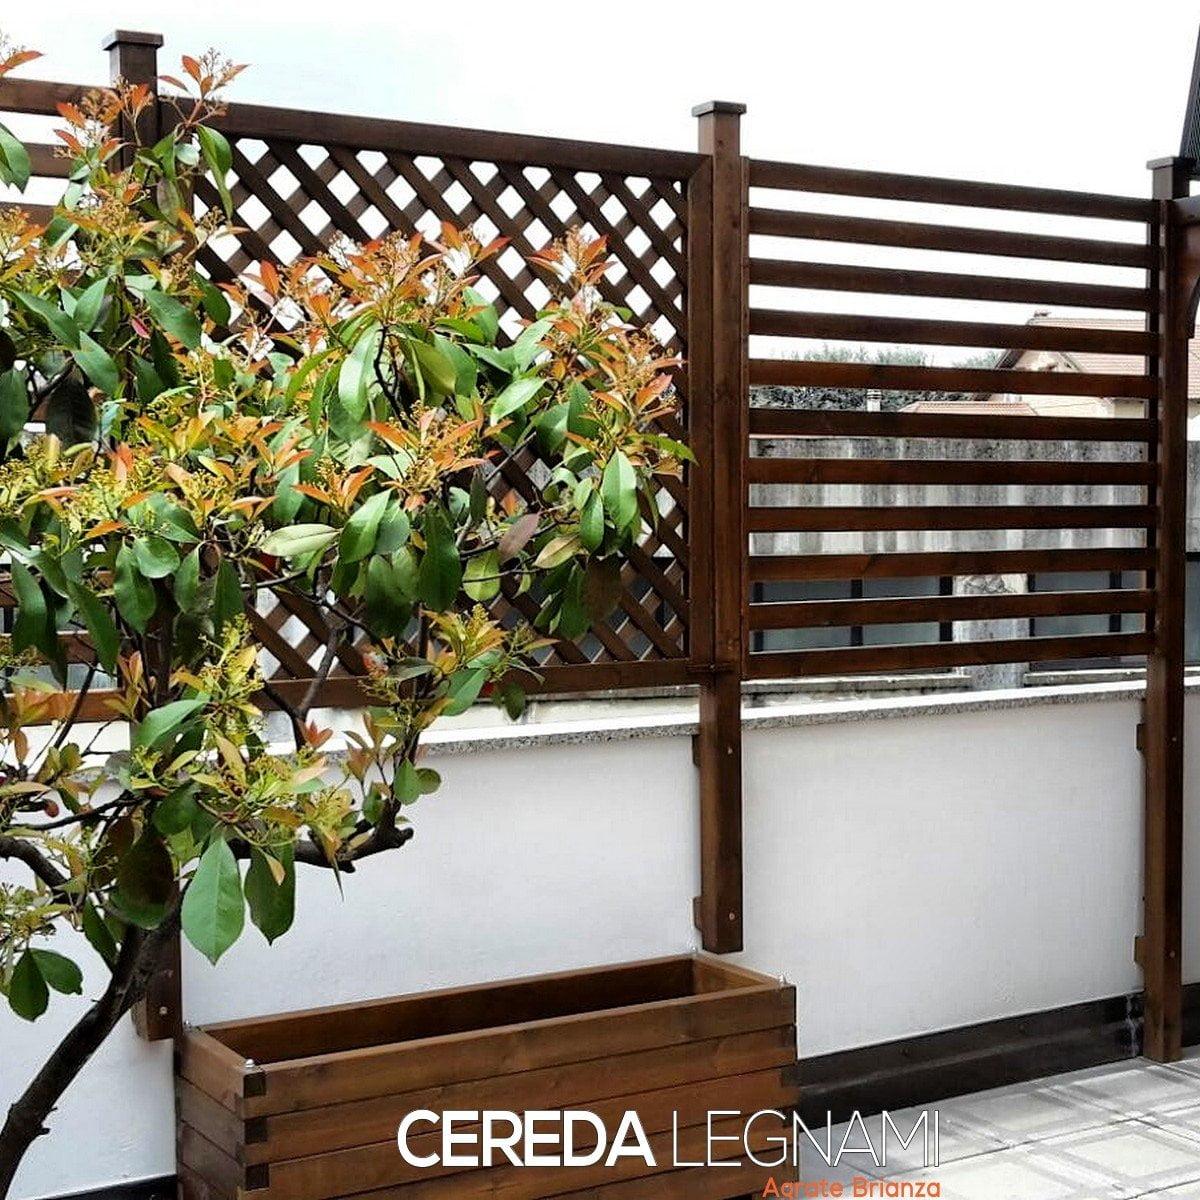 Fioriere di legno per giardino cereda legnami agrate brianza for Fioriere in legno obi